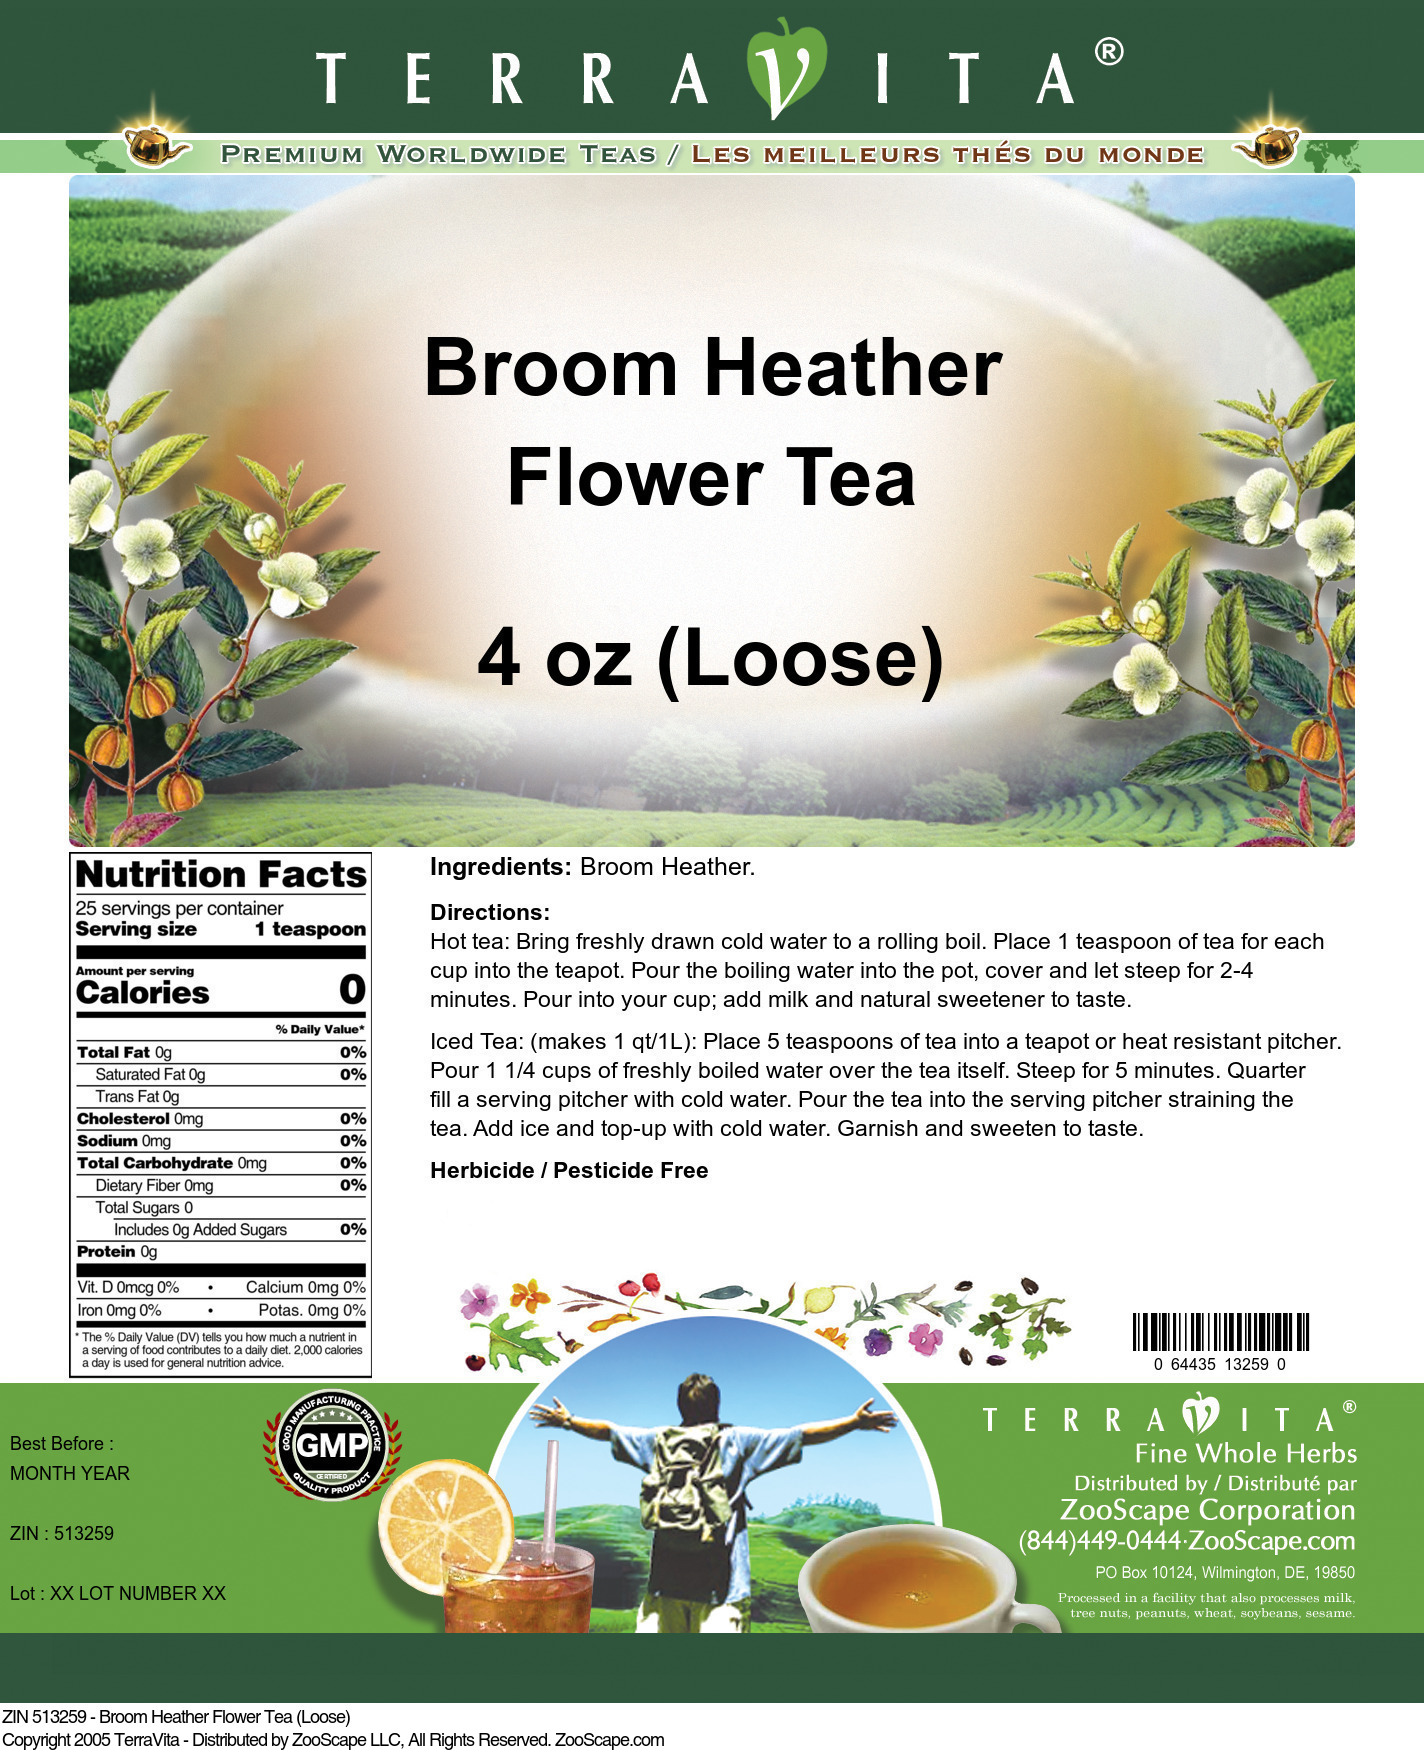 Broom Heather Flower Tea (Loose)